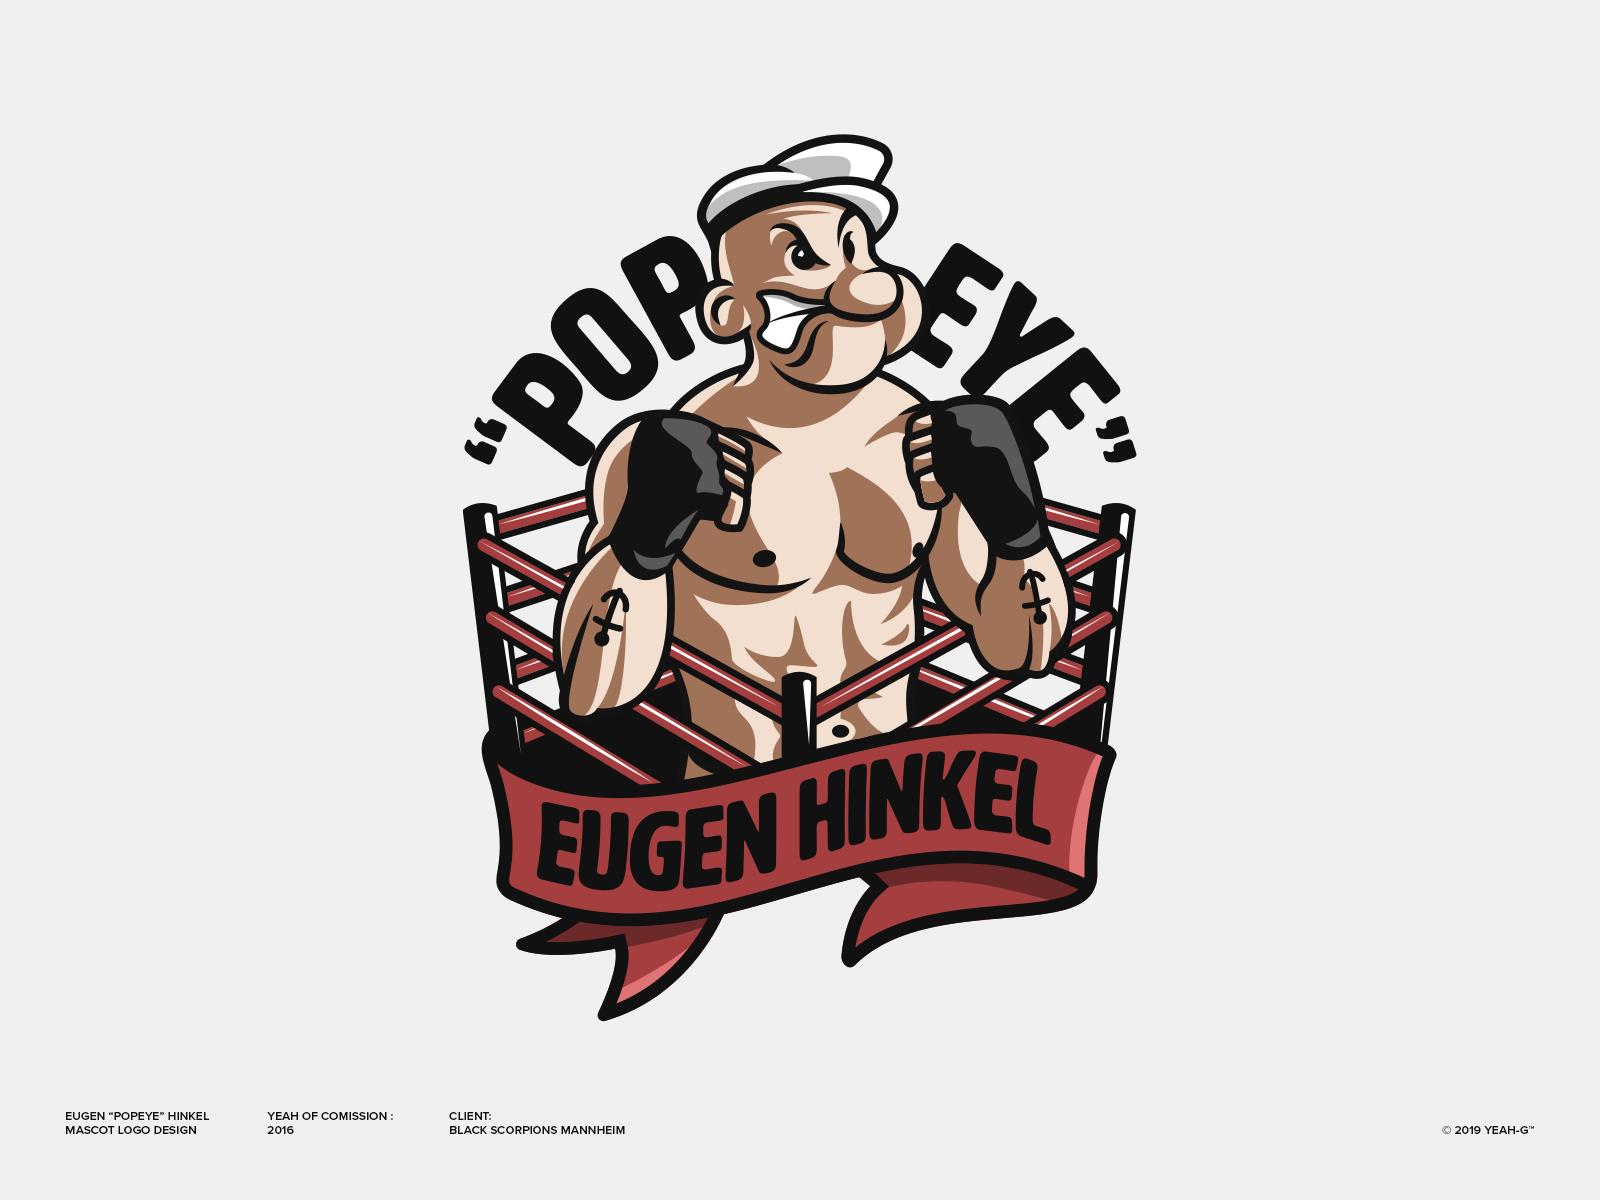 Eugen \